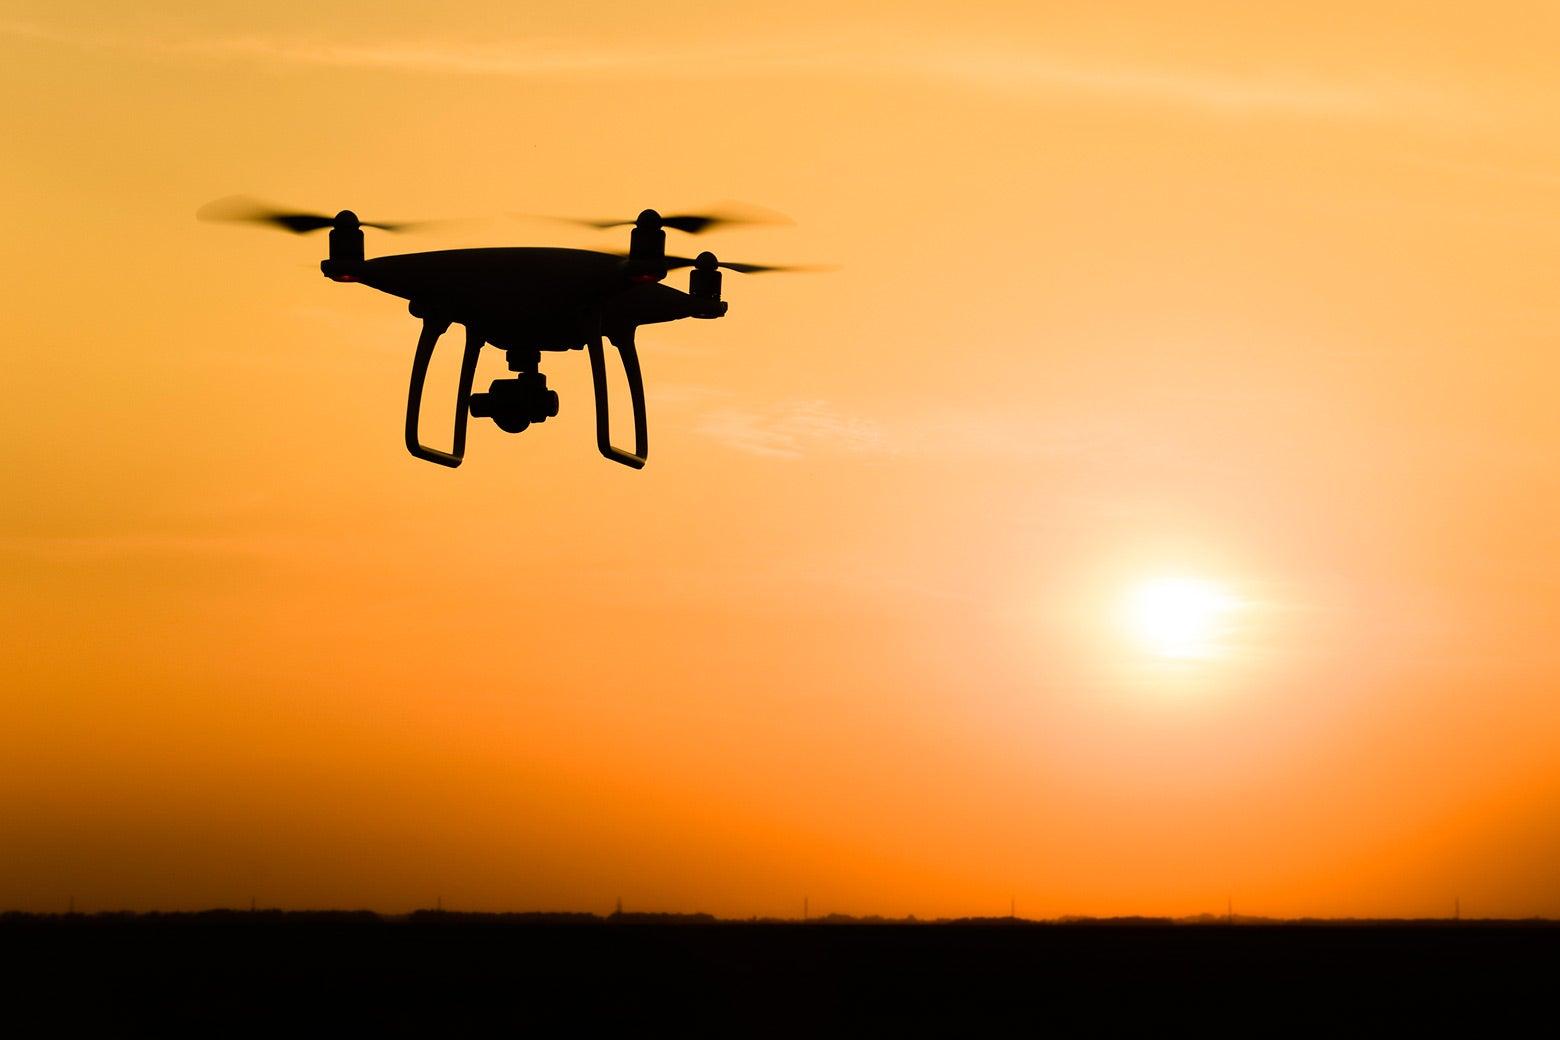 A drone against a sunny sky.